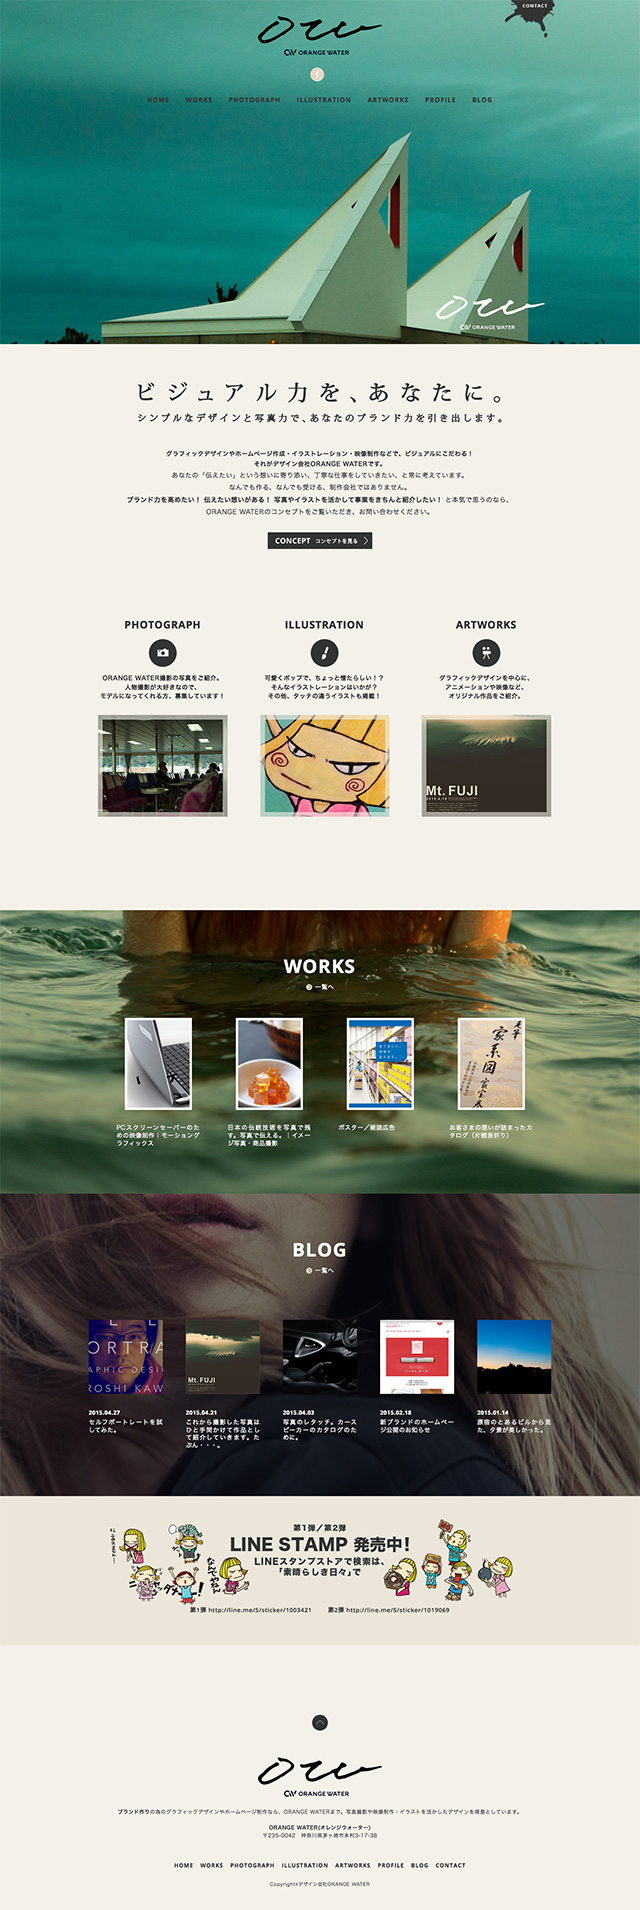 ORANGE WATERがリニューアルしたホームページ